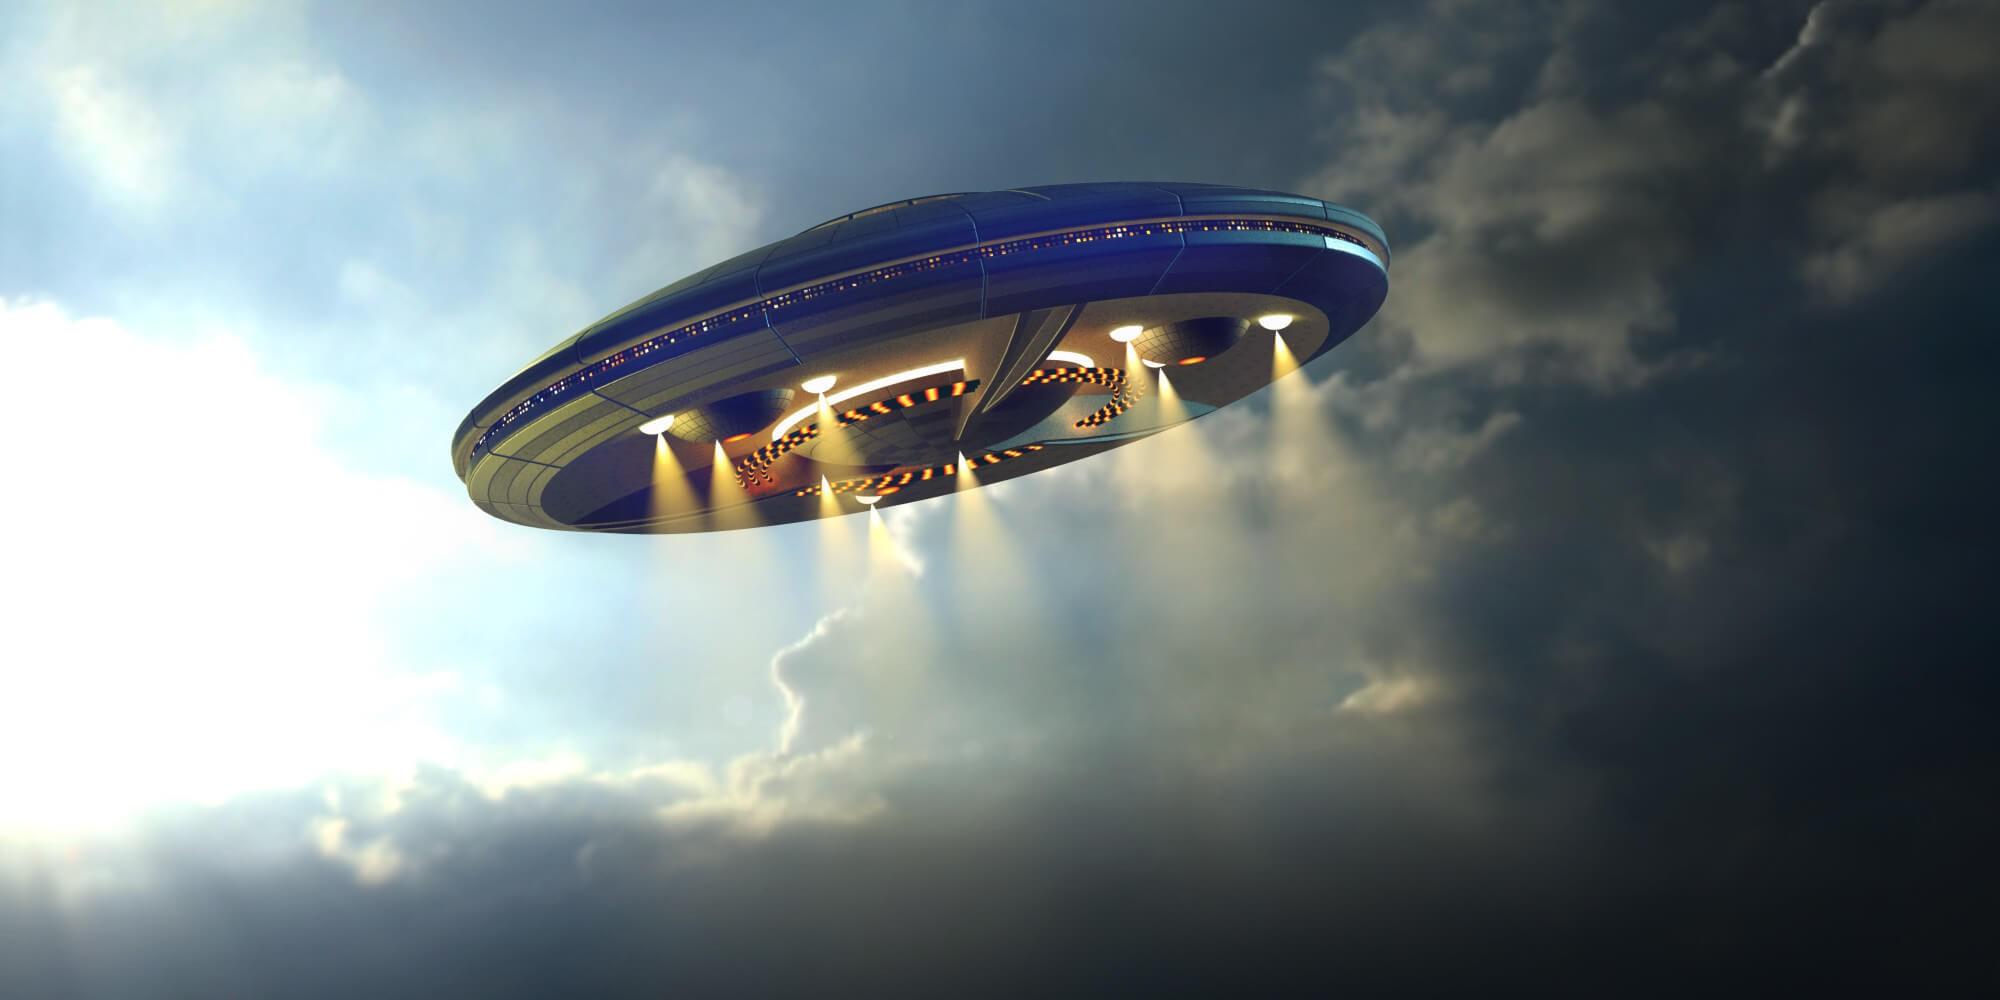 ВАвстралии произошло массовое наблюдение НЛО внебе над Сиднеем